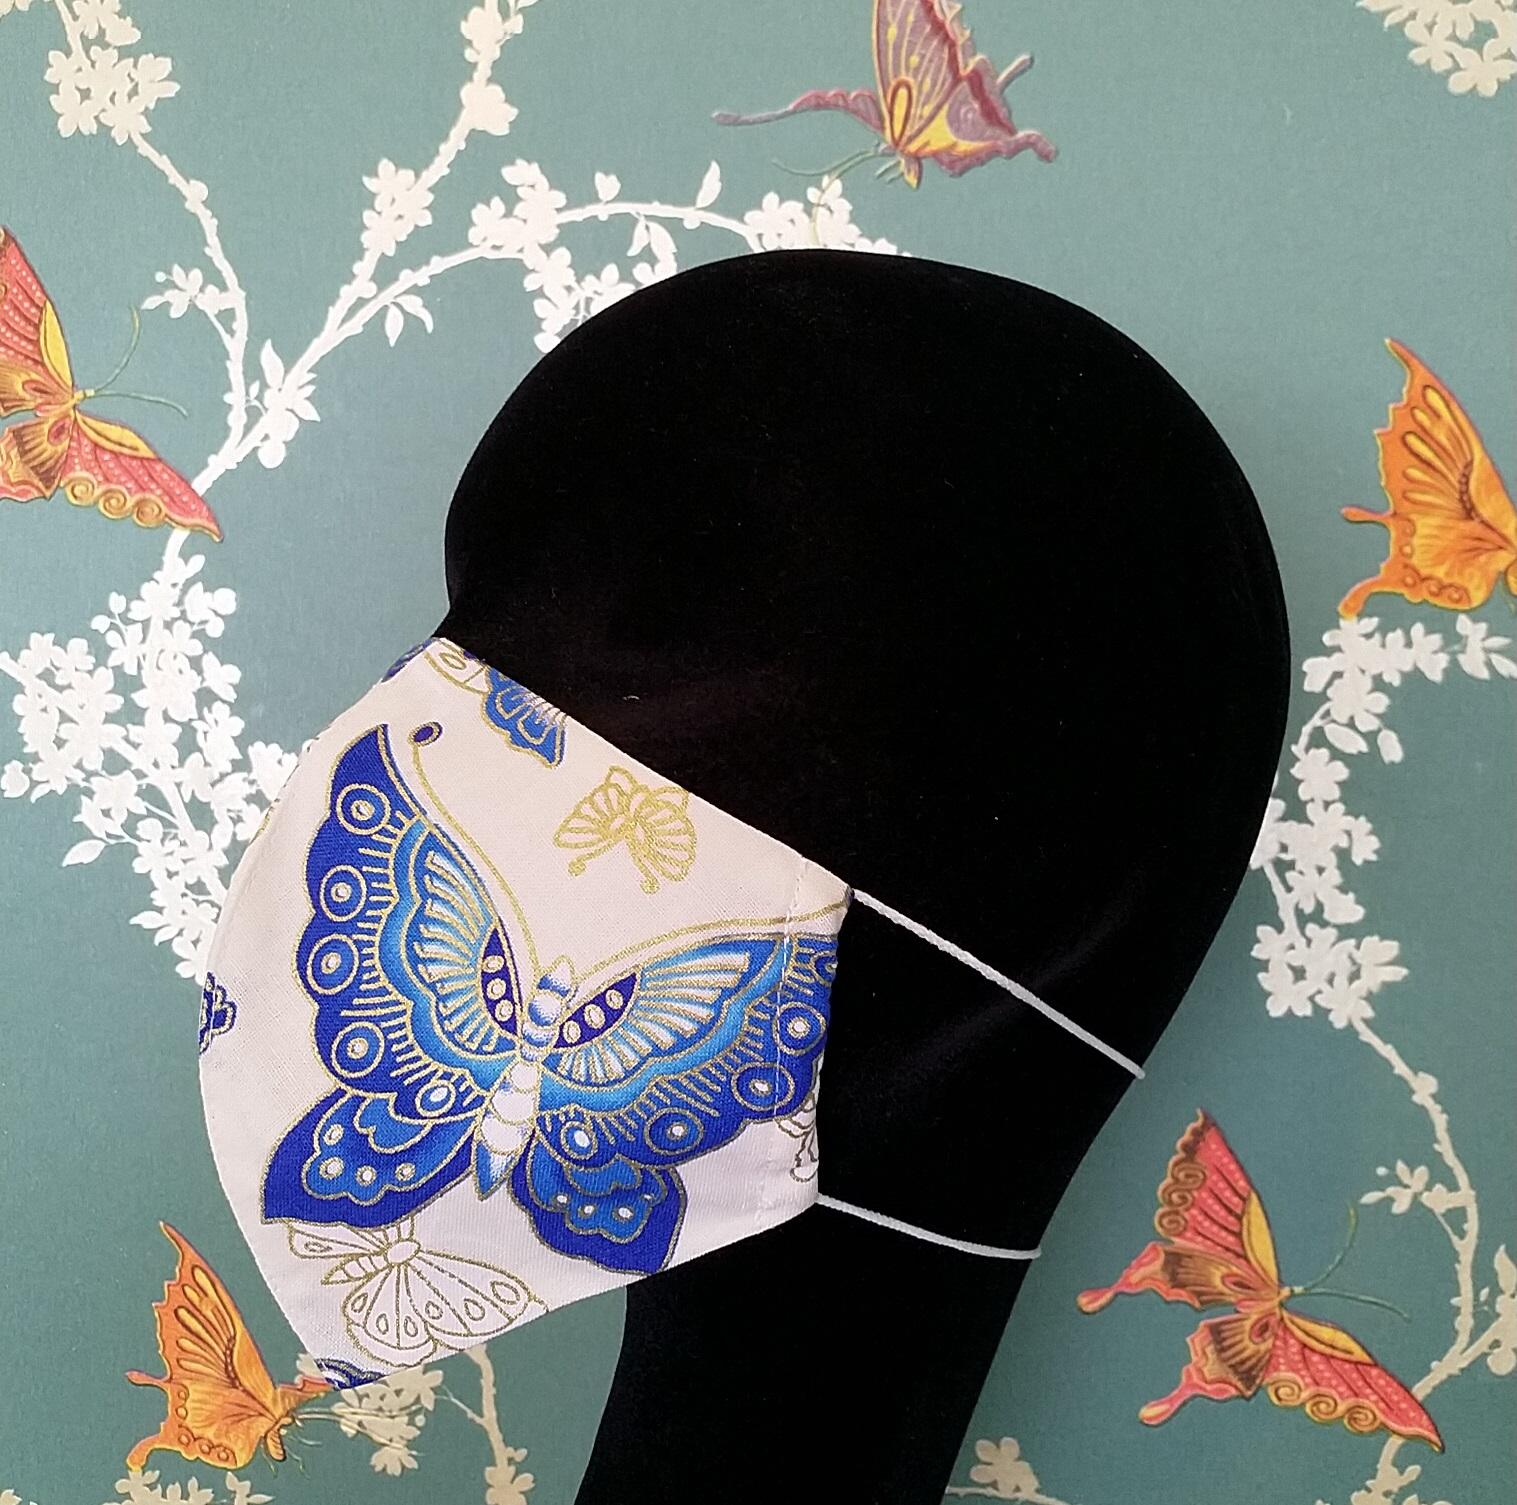 Butterflies croppedjpg